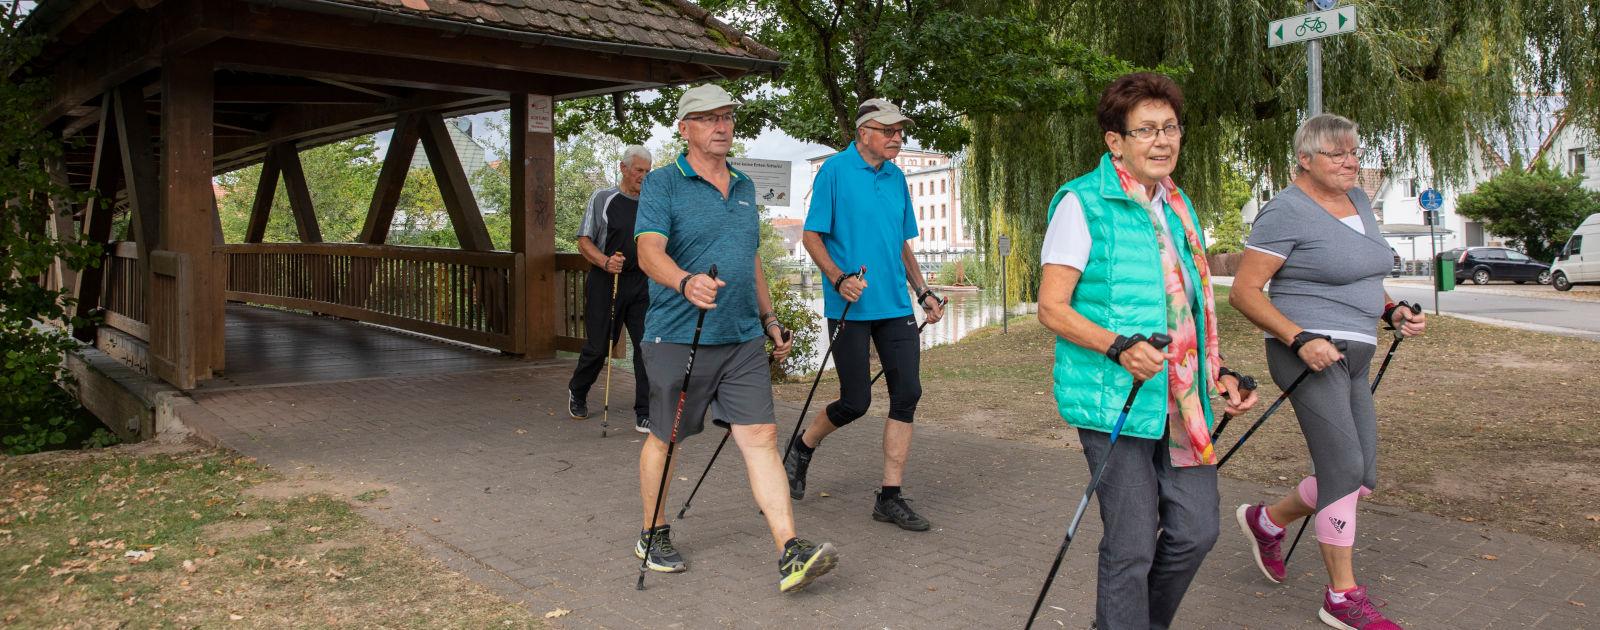 Bewegungstreff Willstätt Nordic-Walking über Brücke